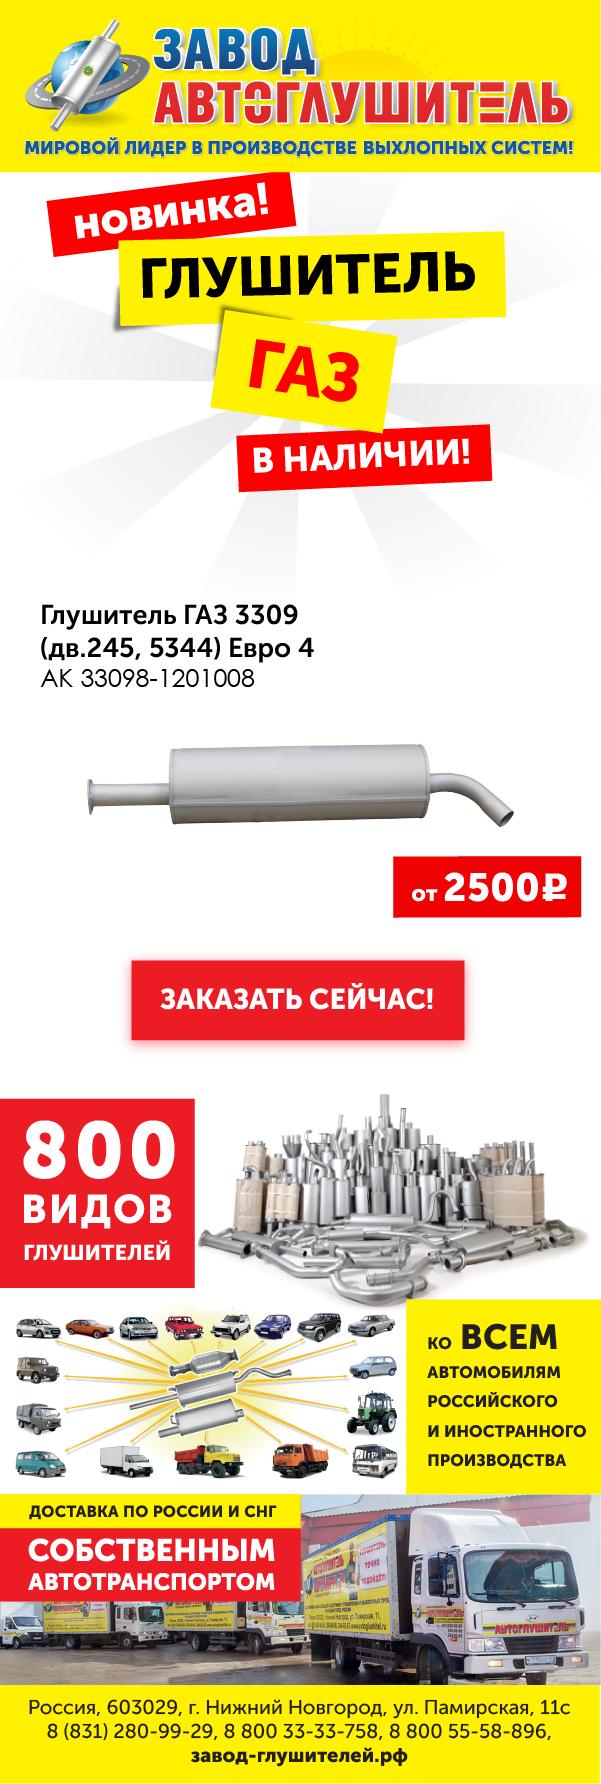 Новинки глушитель УАЗ